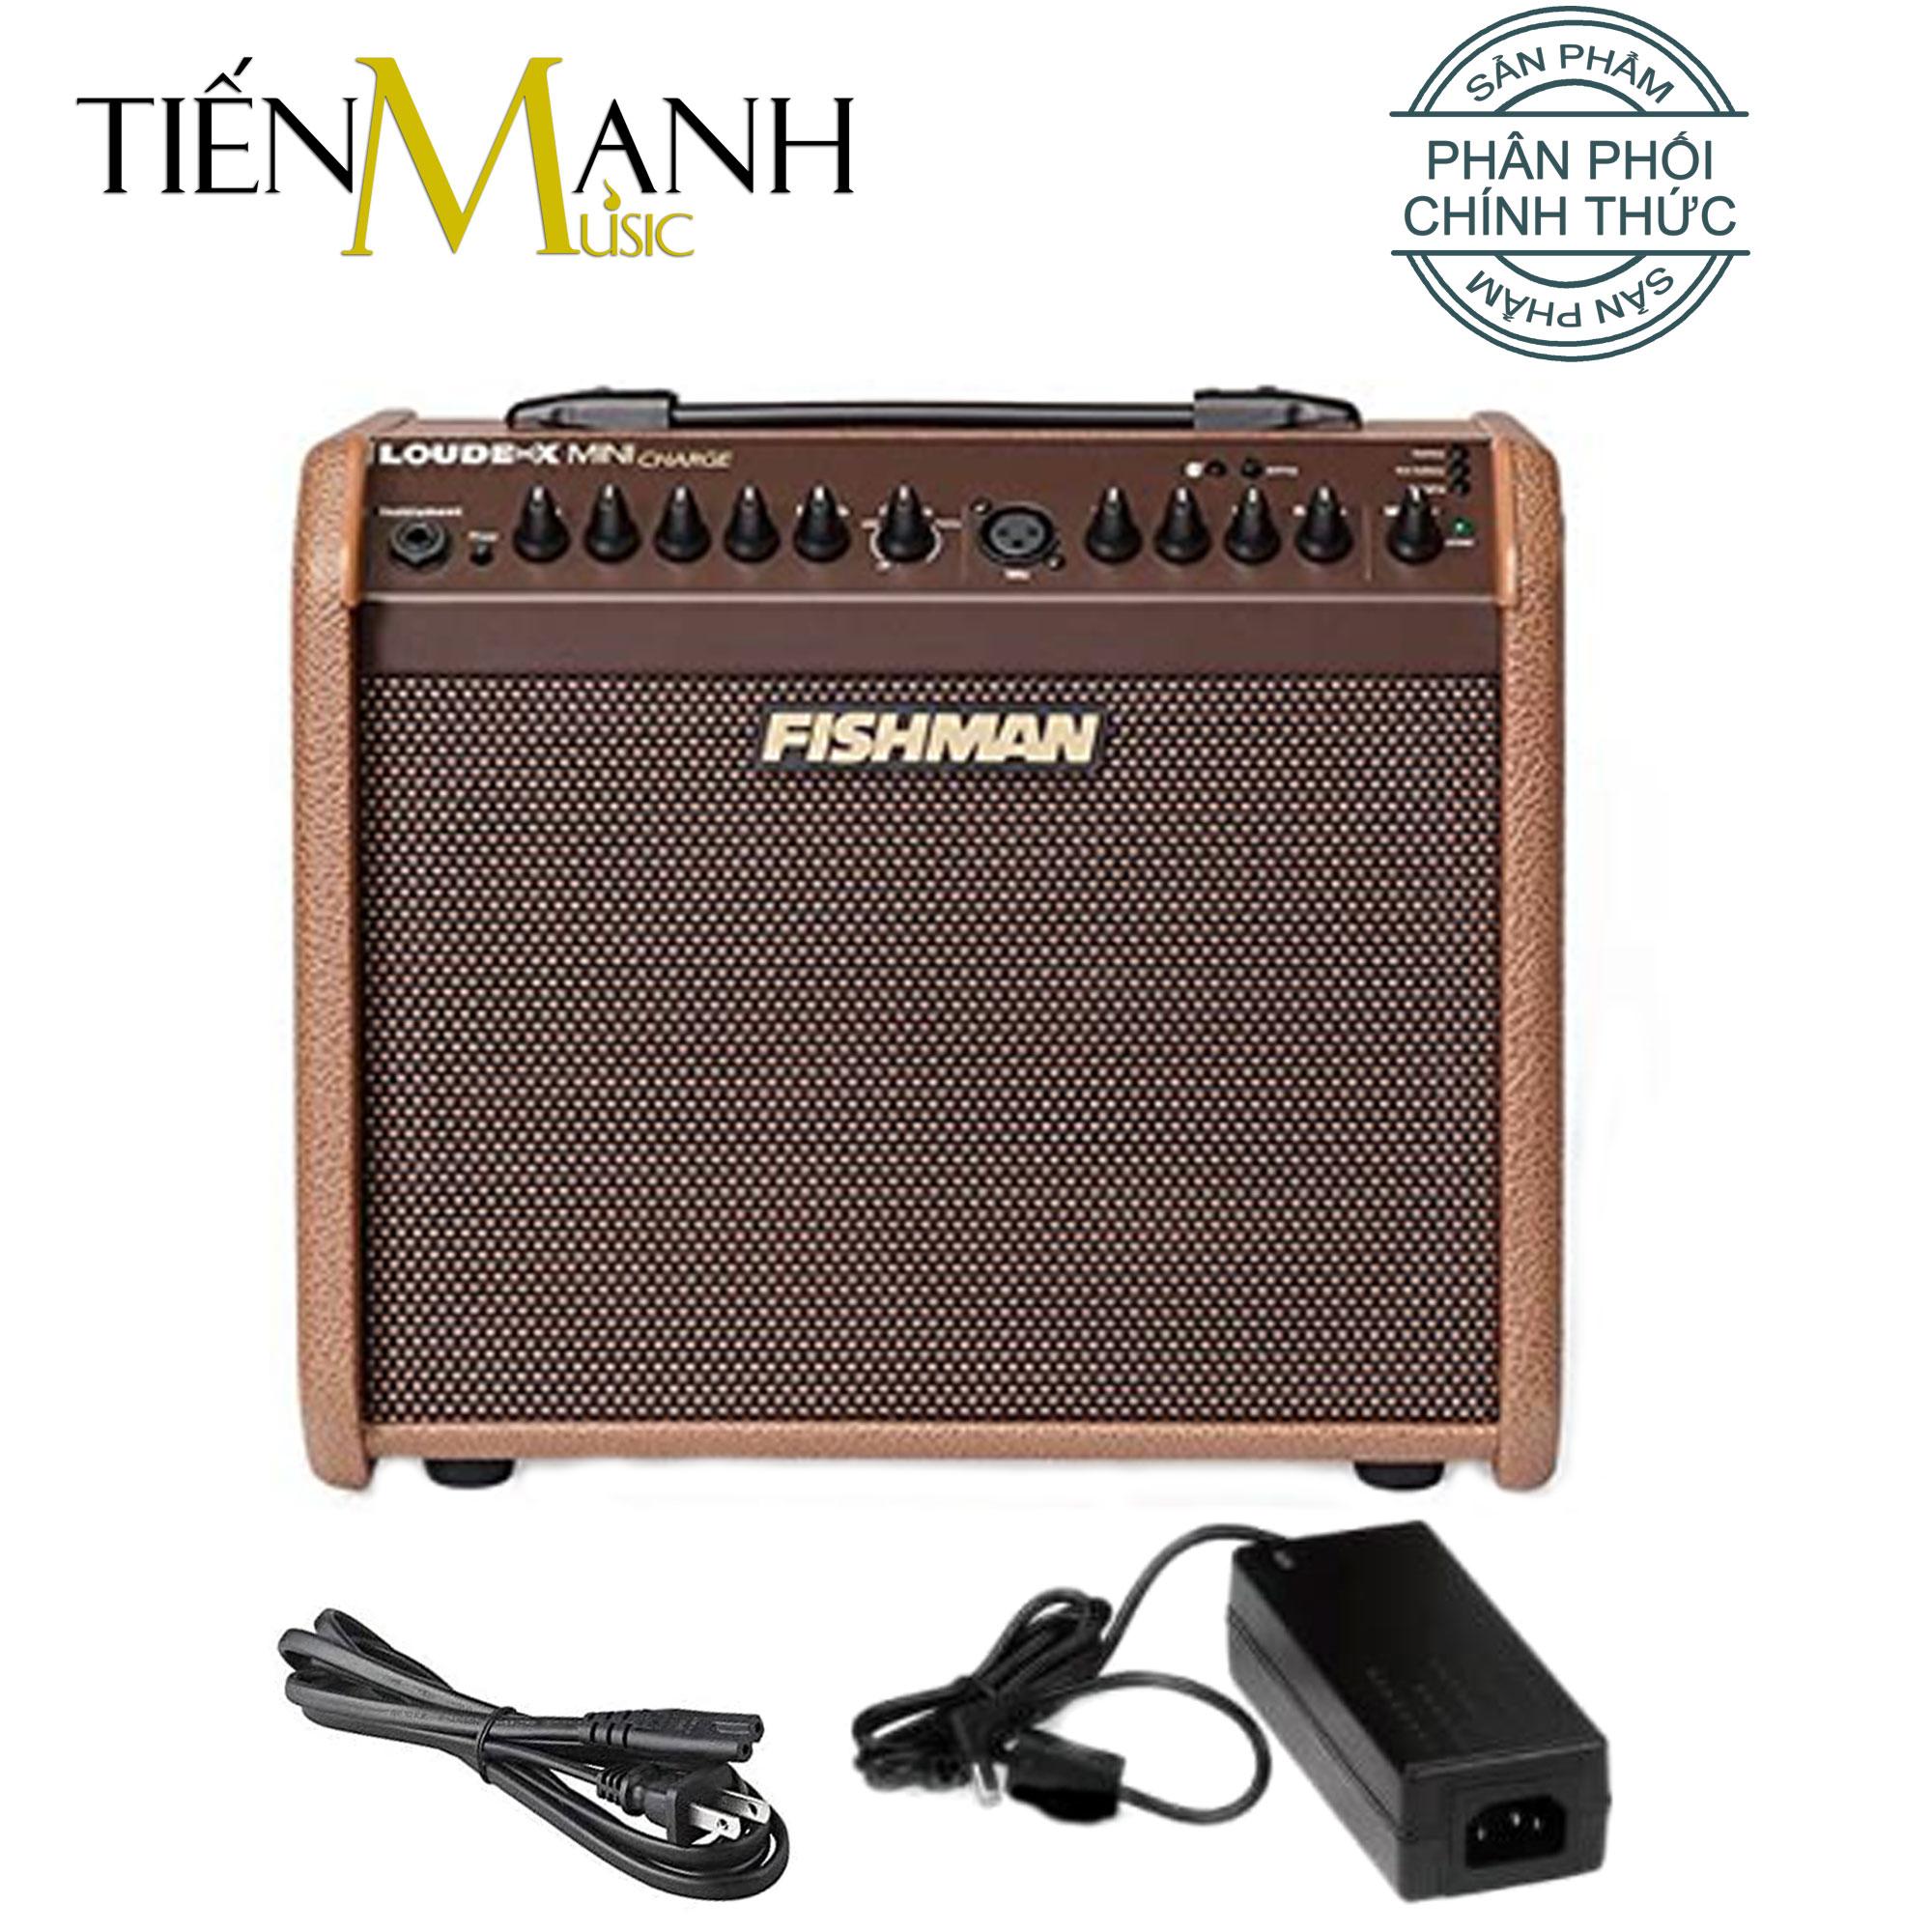 Fishman Loudbox Mini Charge 60W (Pin Sạc, Bluetooth) Battery Powered - Ampli cho Đàn Guitar Và Nhạc cụ mộc Acoustic